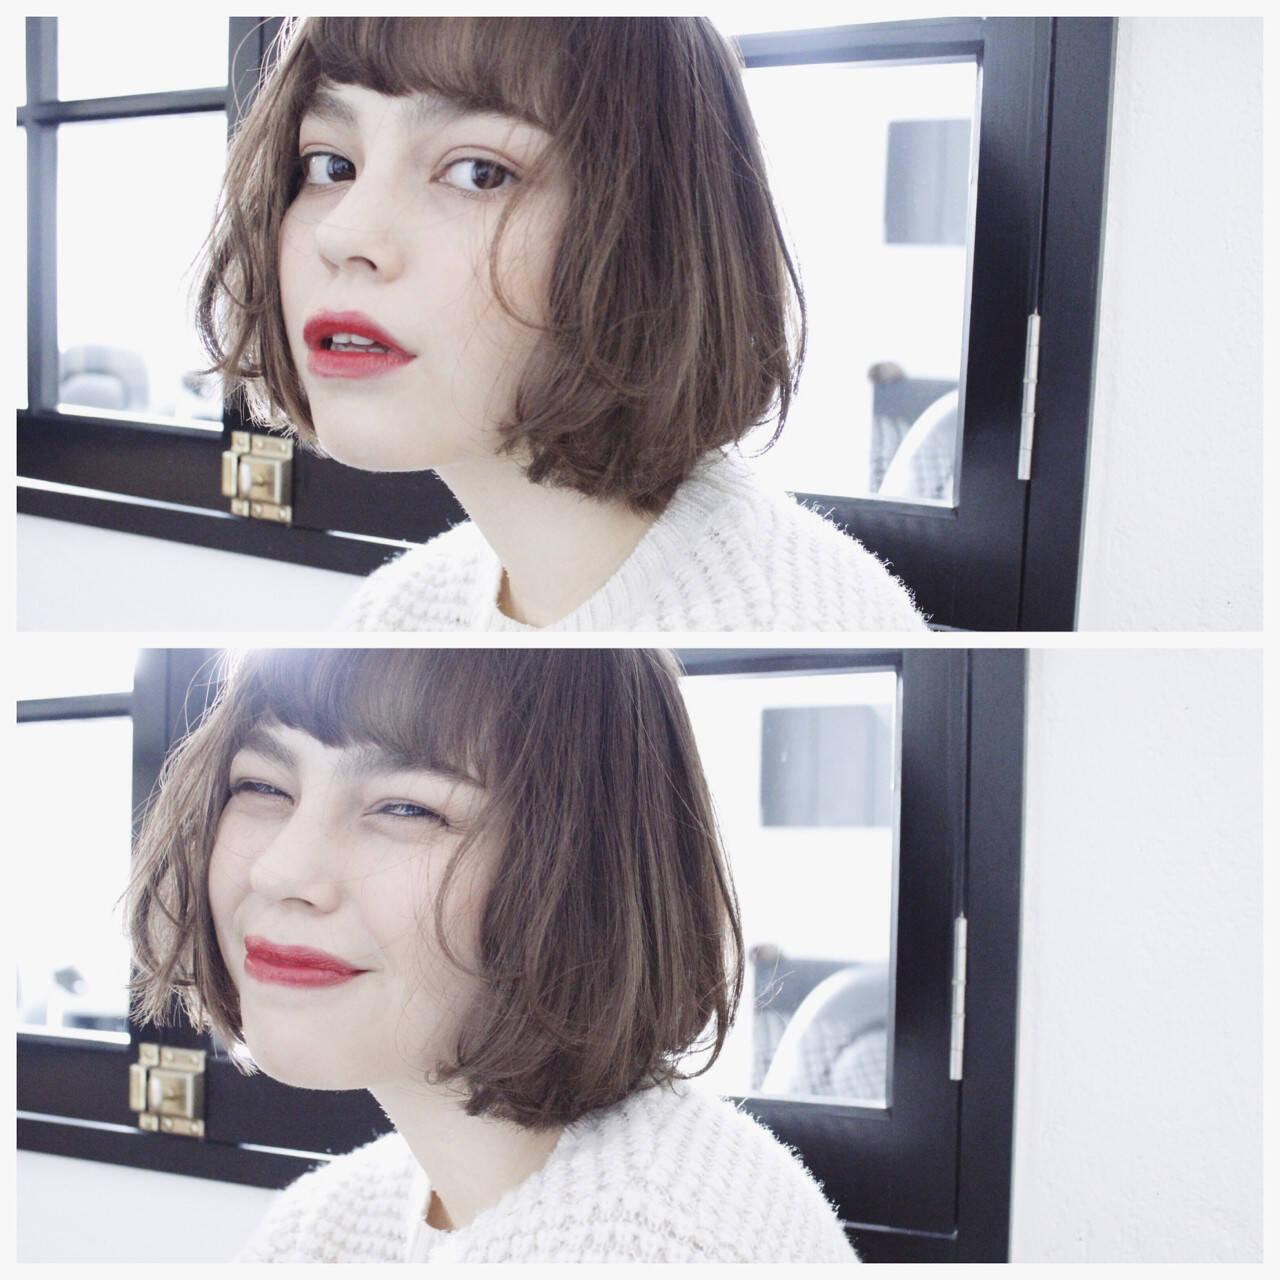 ボブ 色気 ニュアンス パーマヘアスタイルや髪型の写真・画像